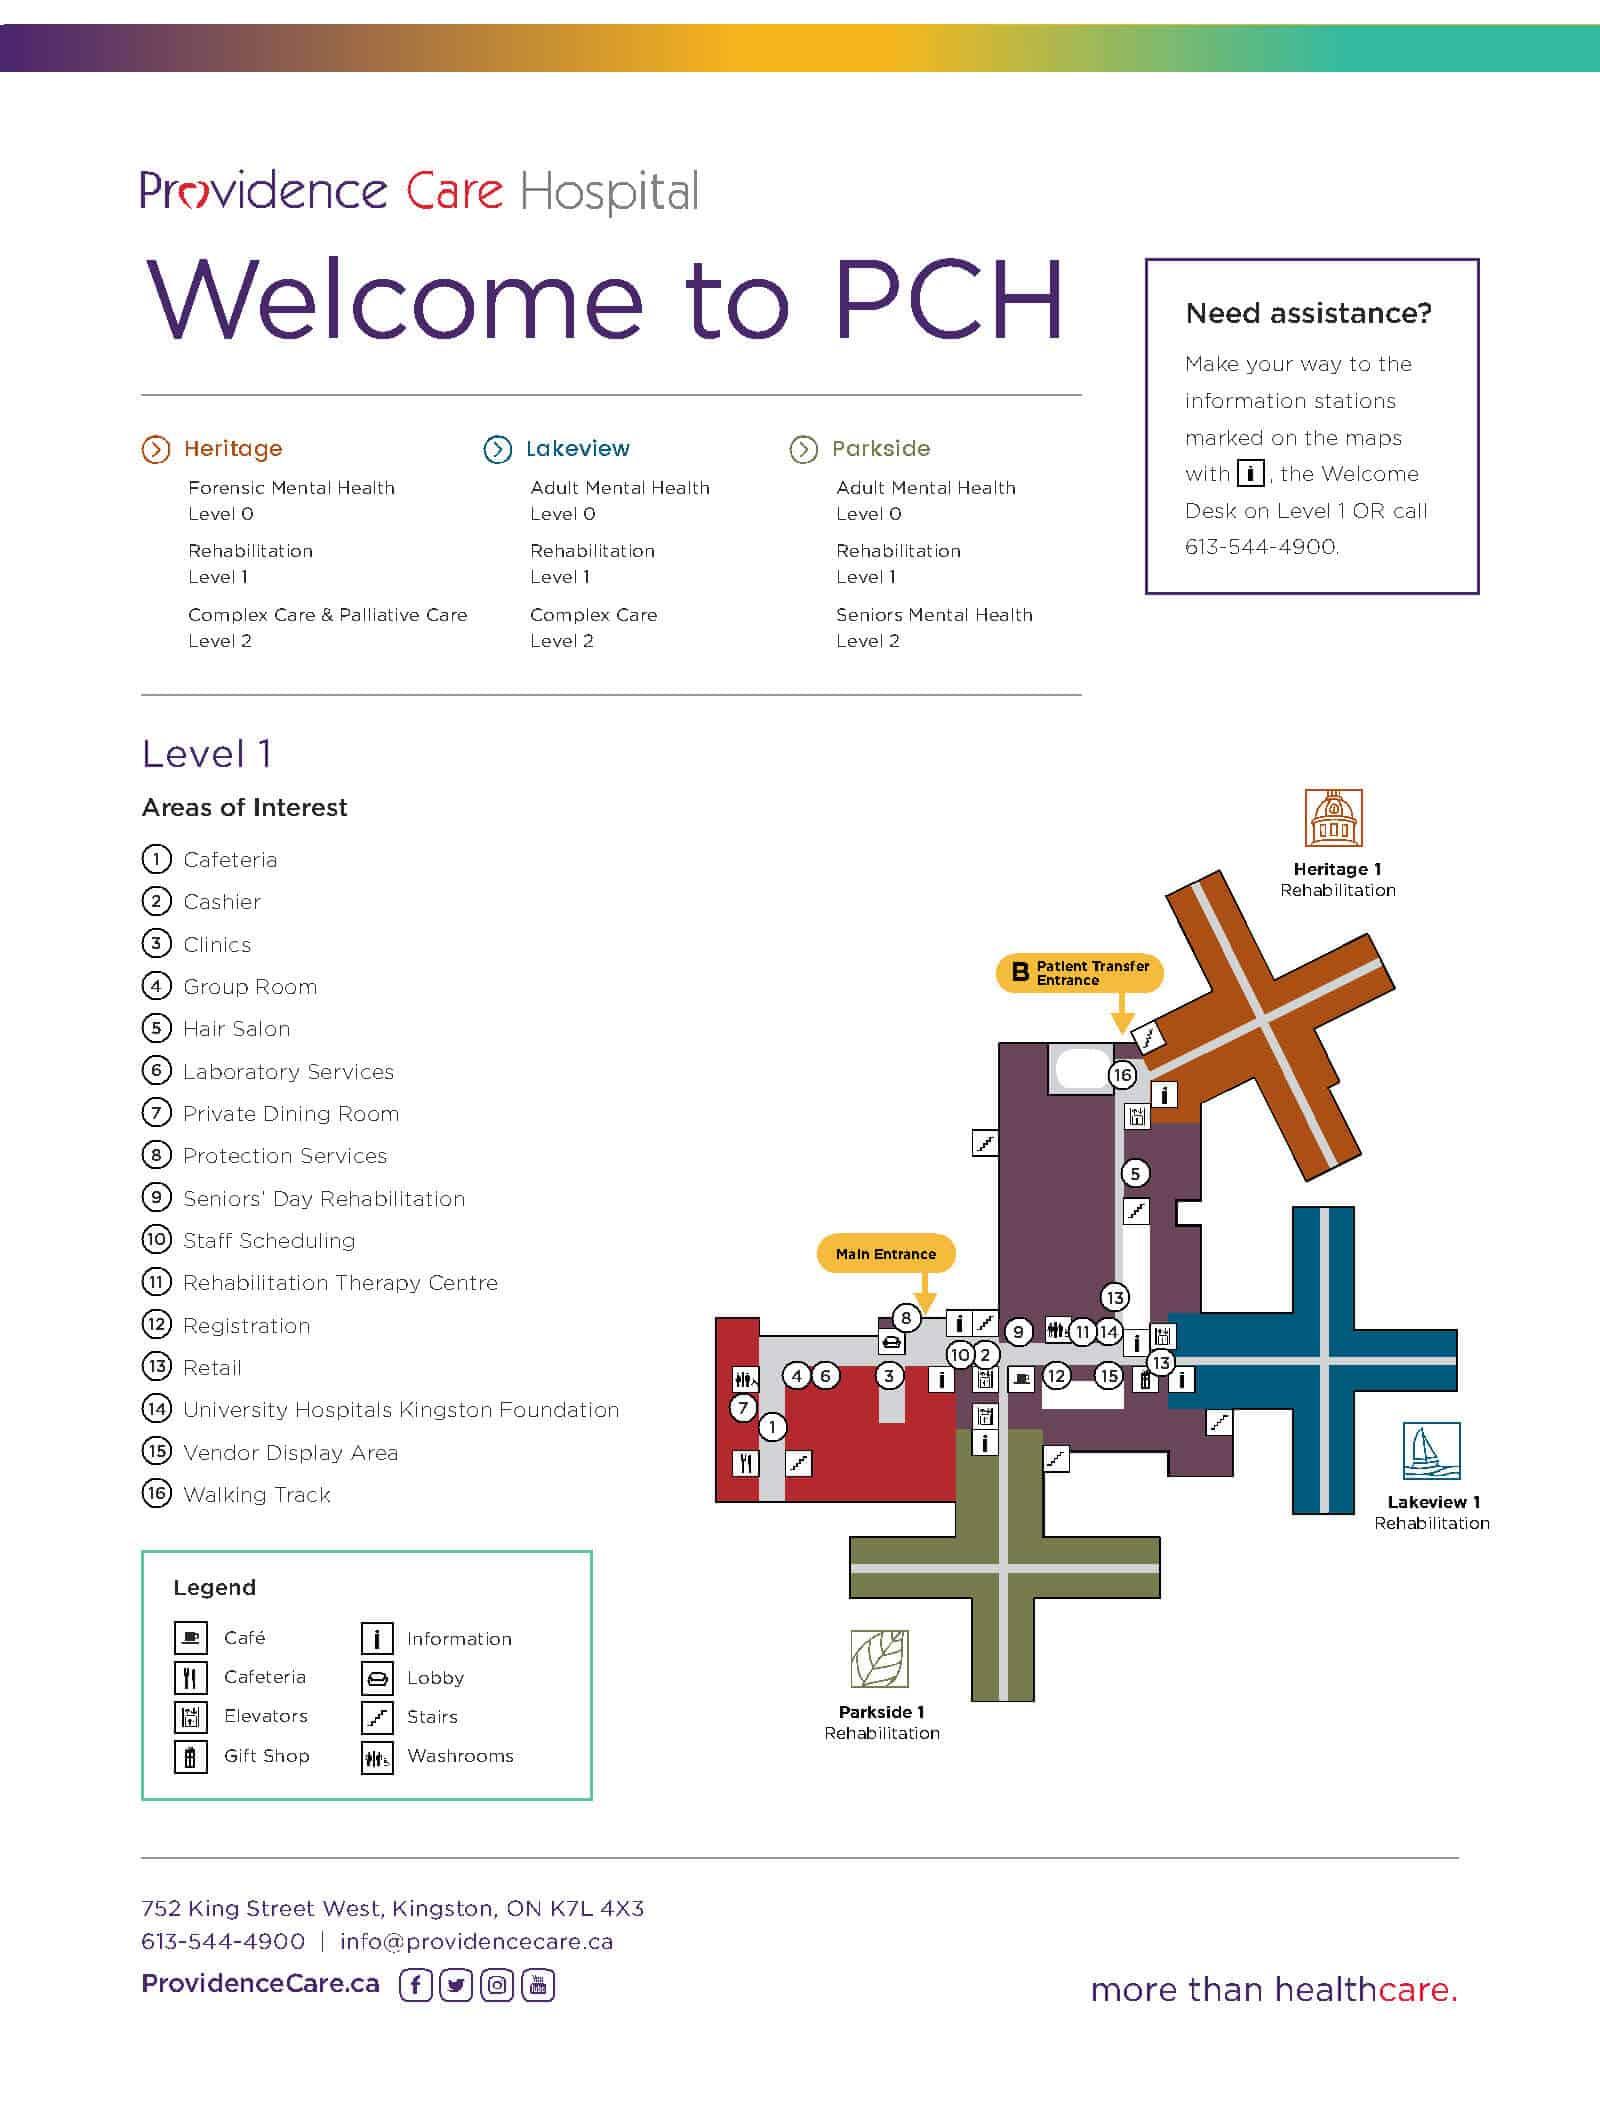 Hospital Maps - Providence Care